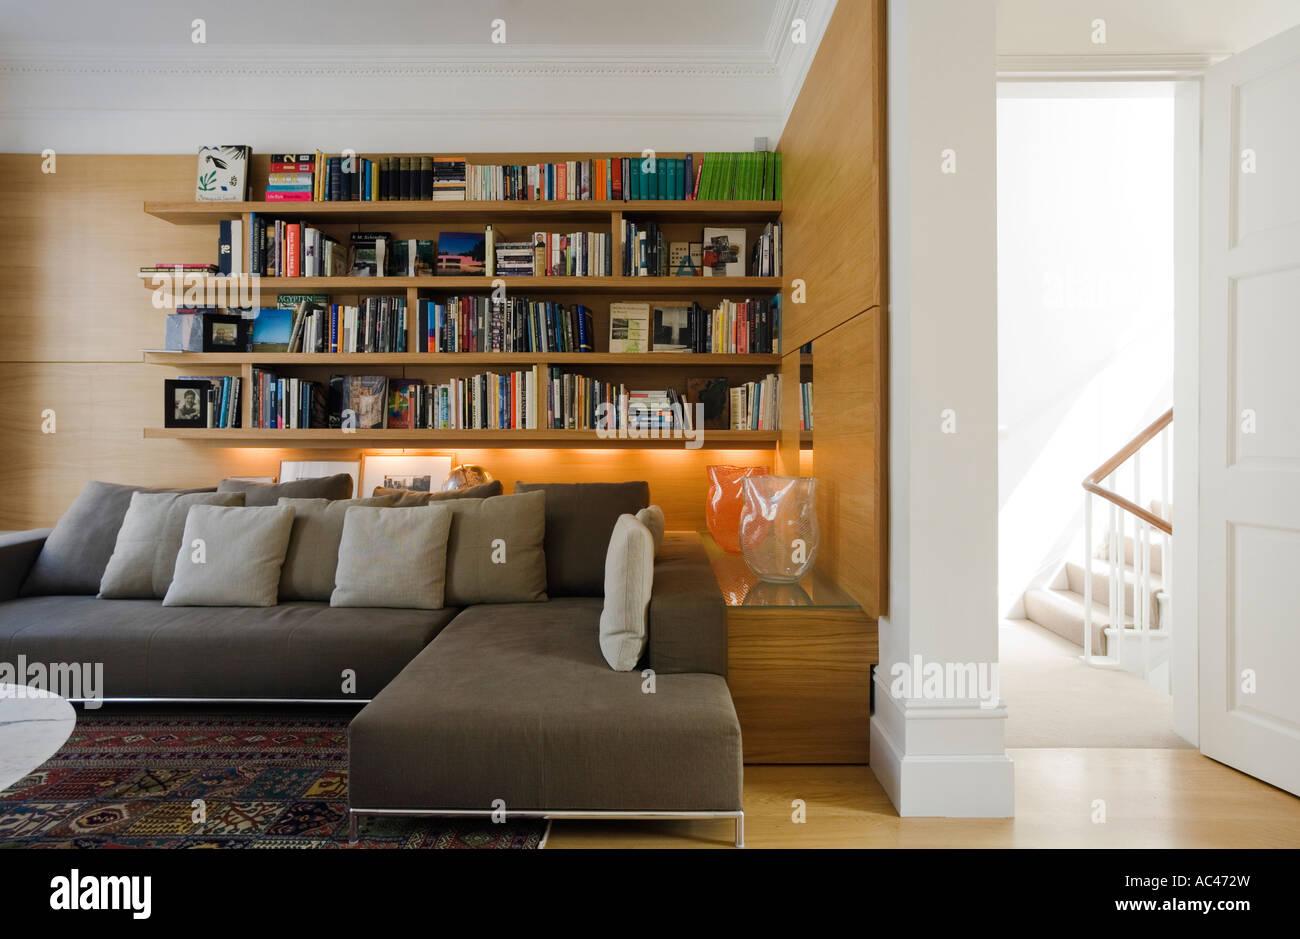 Modernes Wohnzimmer mit Bücherregal und 2 Stück grau Sofa im ...